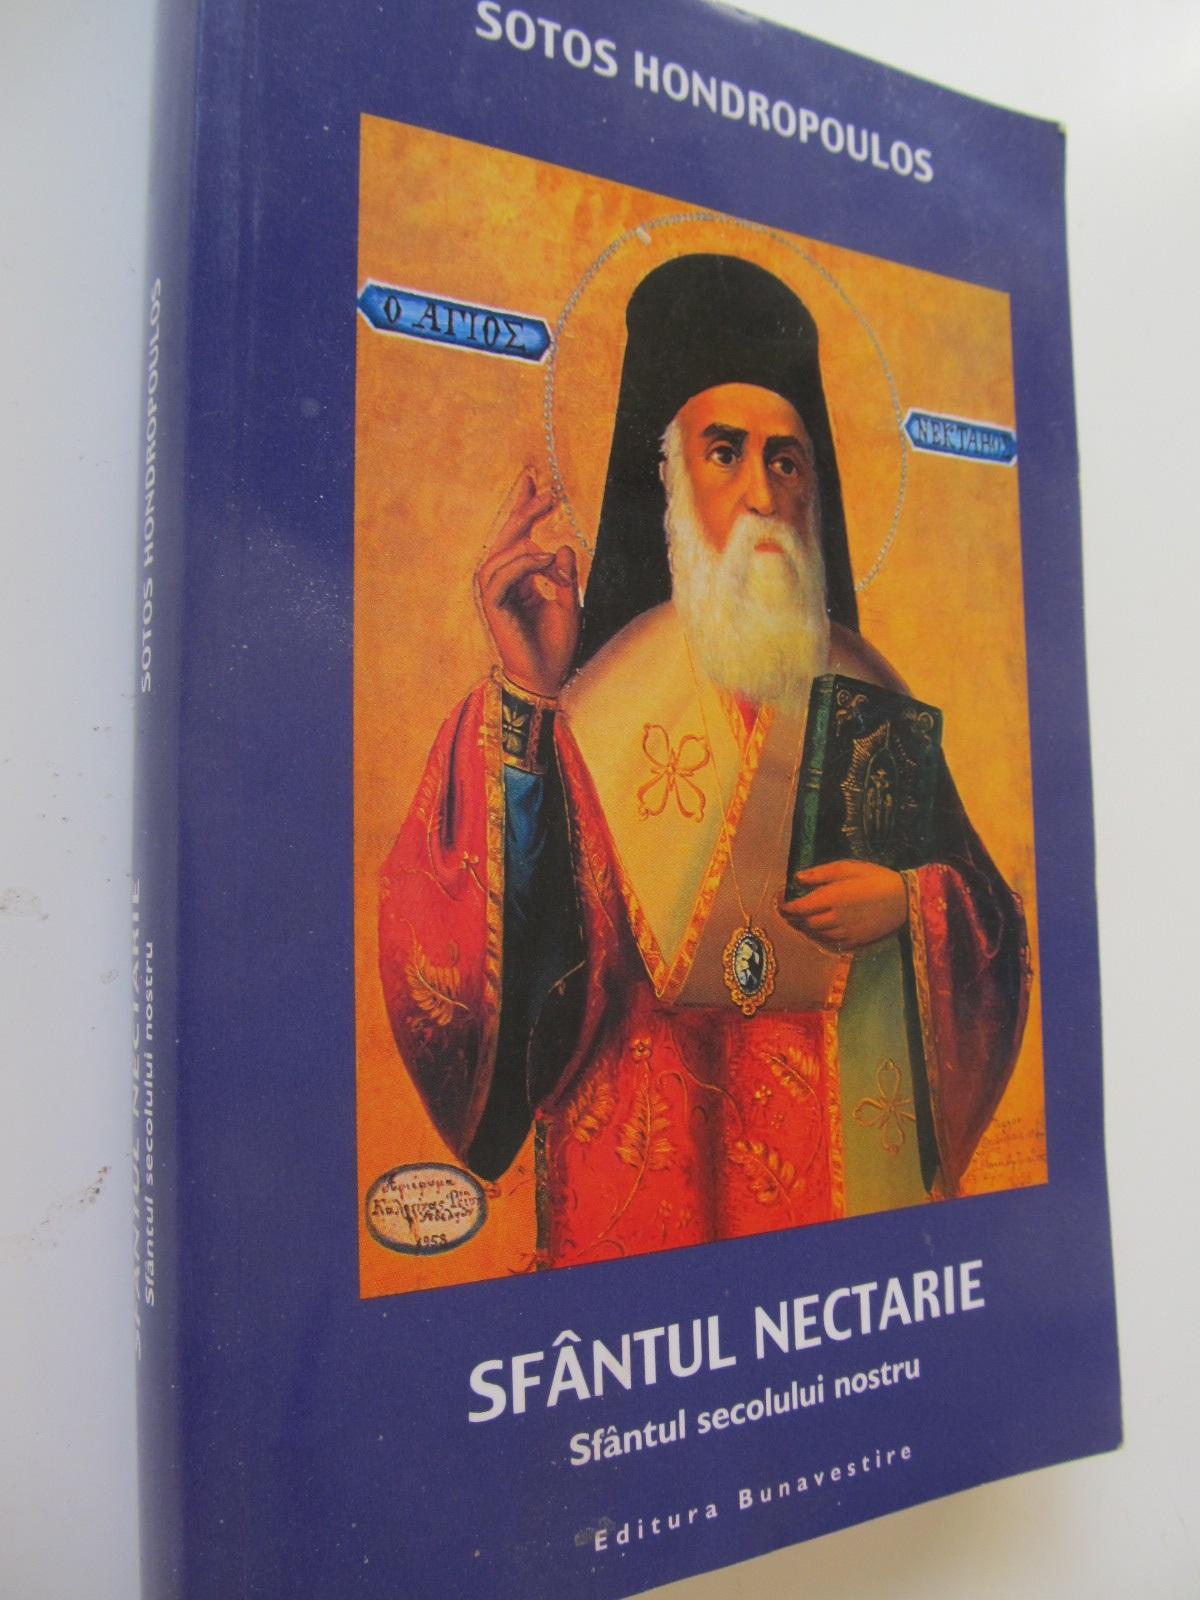 Sfantul Nectarie - Sfantul secolului nostru - Sotos Hondropoulos | Detalii carte